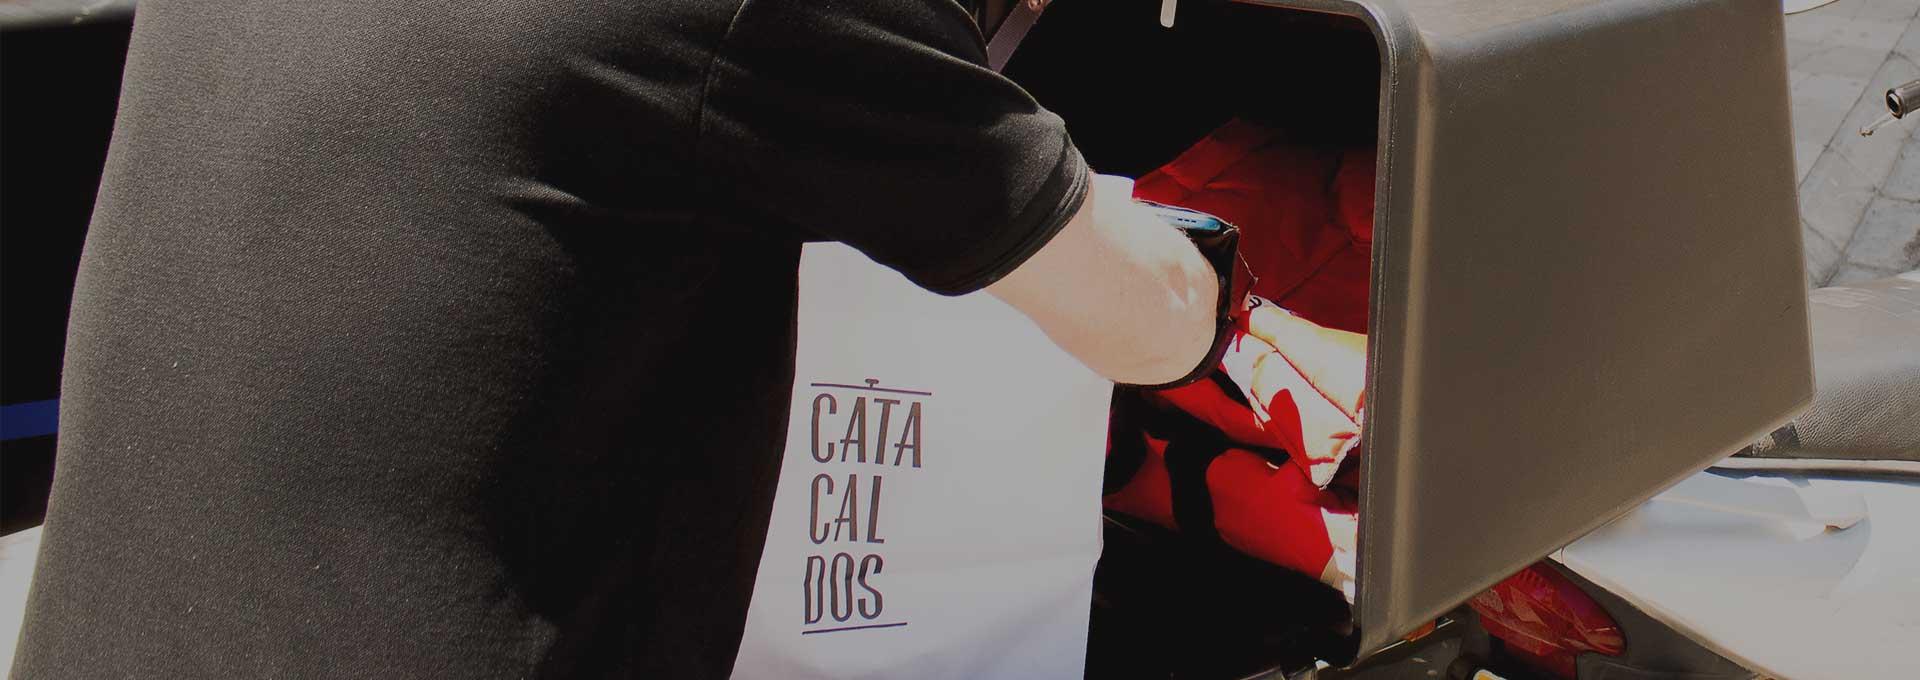 Reparto a domicilio Catacaldos Albacete